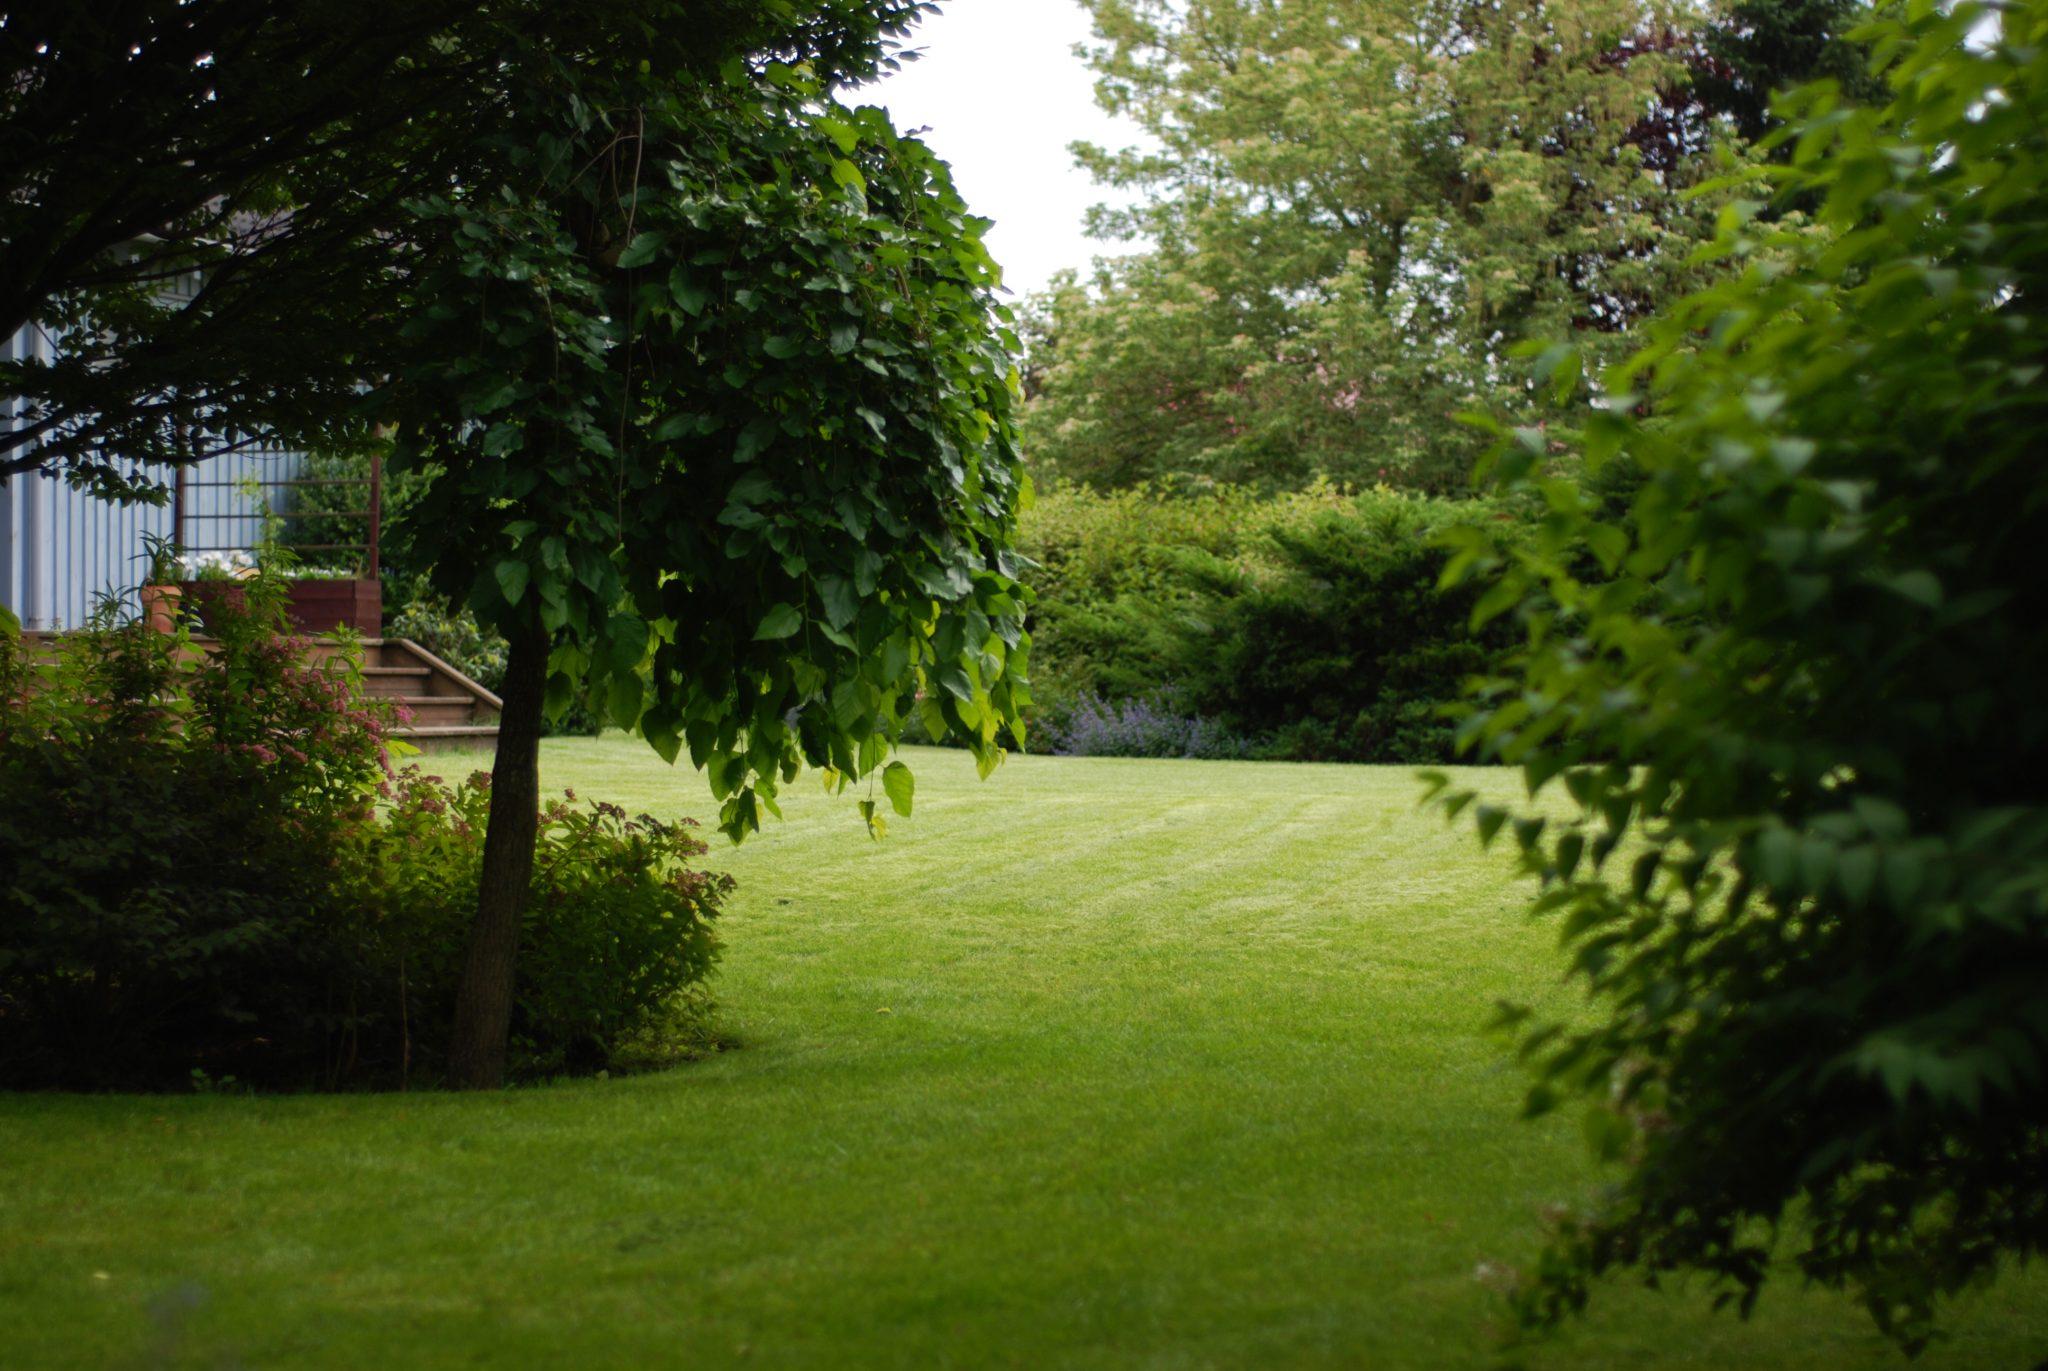 Dobry Ogród Ogród z sosnami w tle